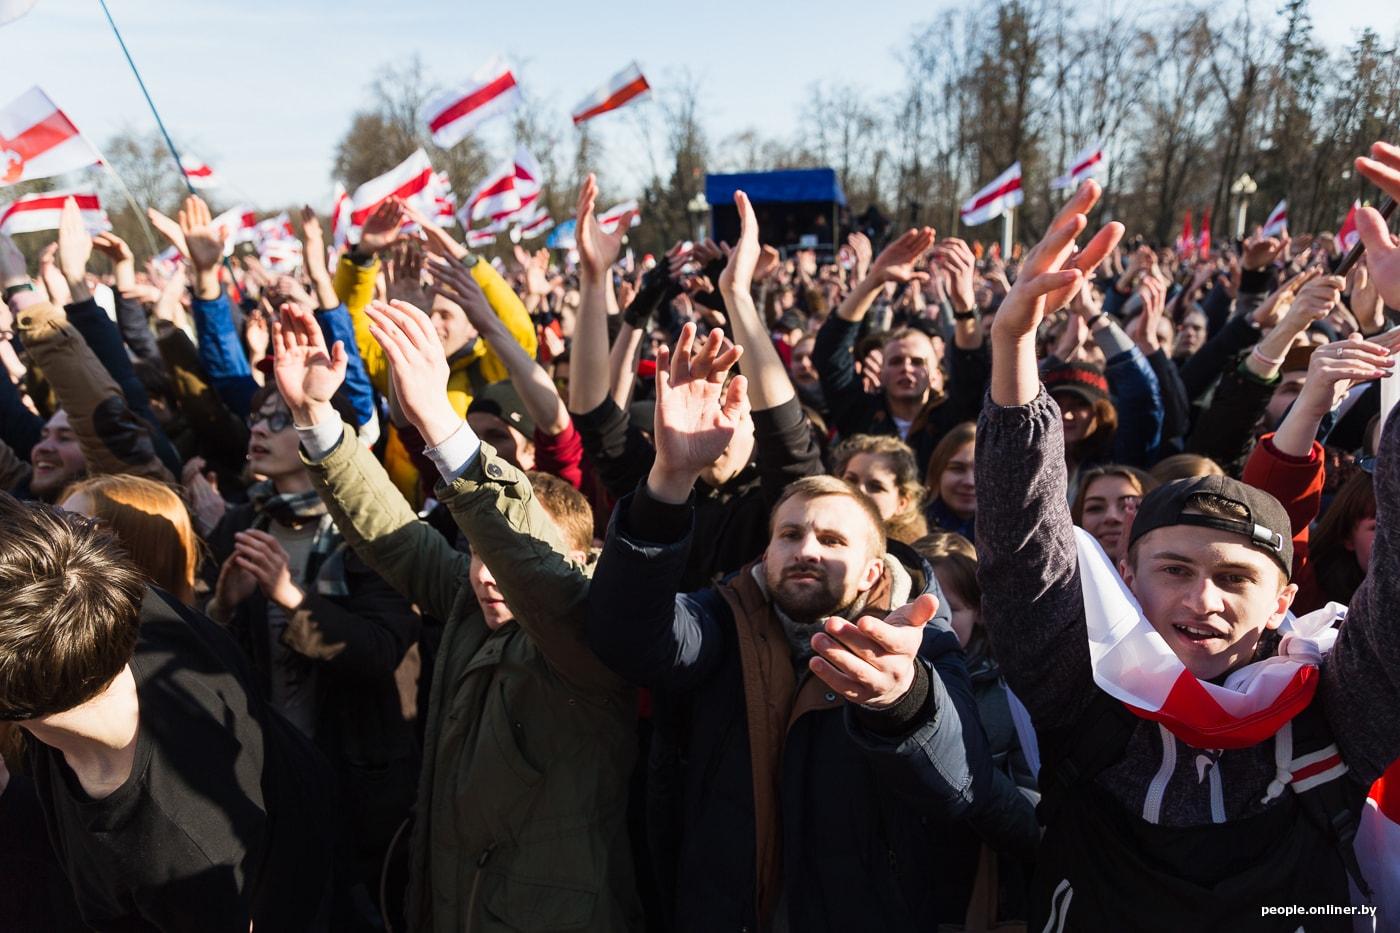 Беларусь, новости,  Минск, Россия, война, конфликт, крымский сценарий, Холодная война